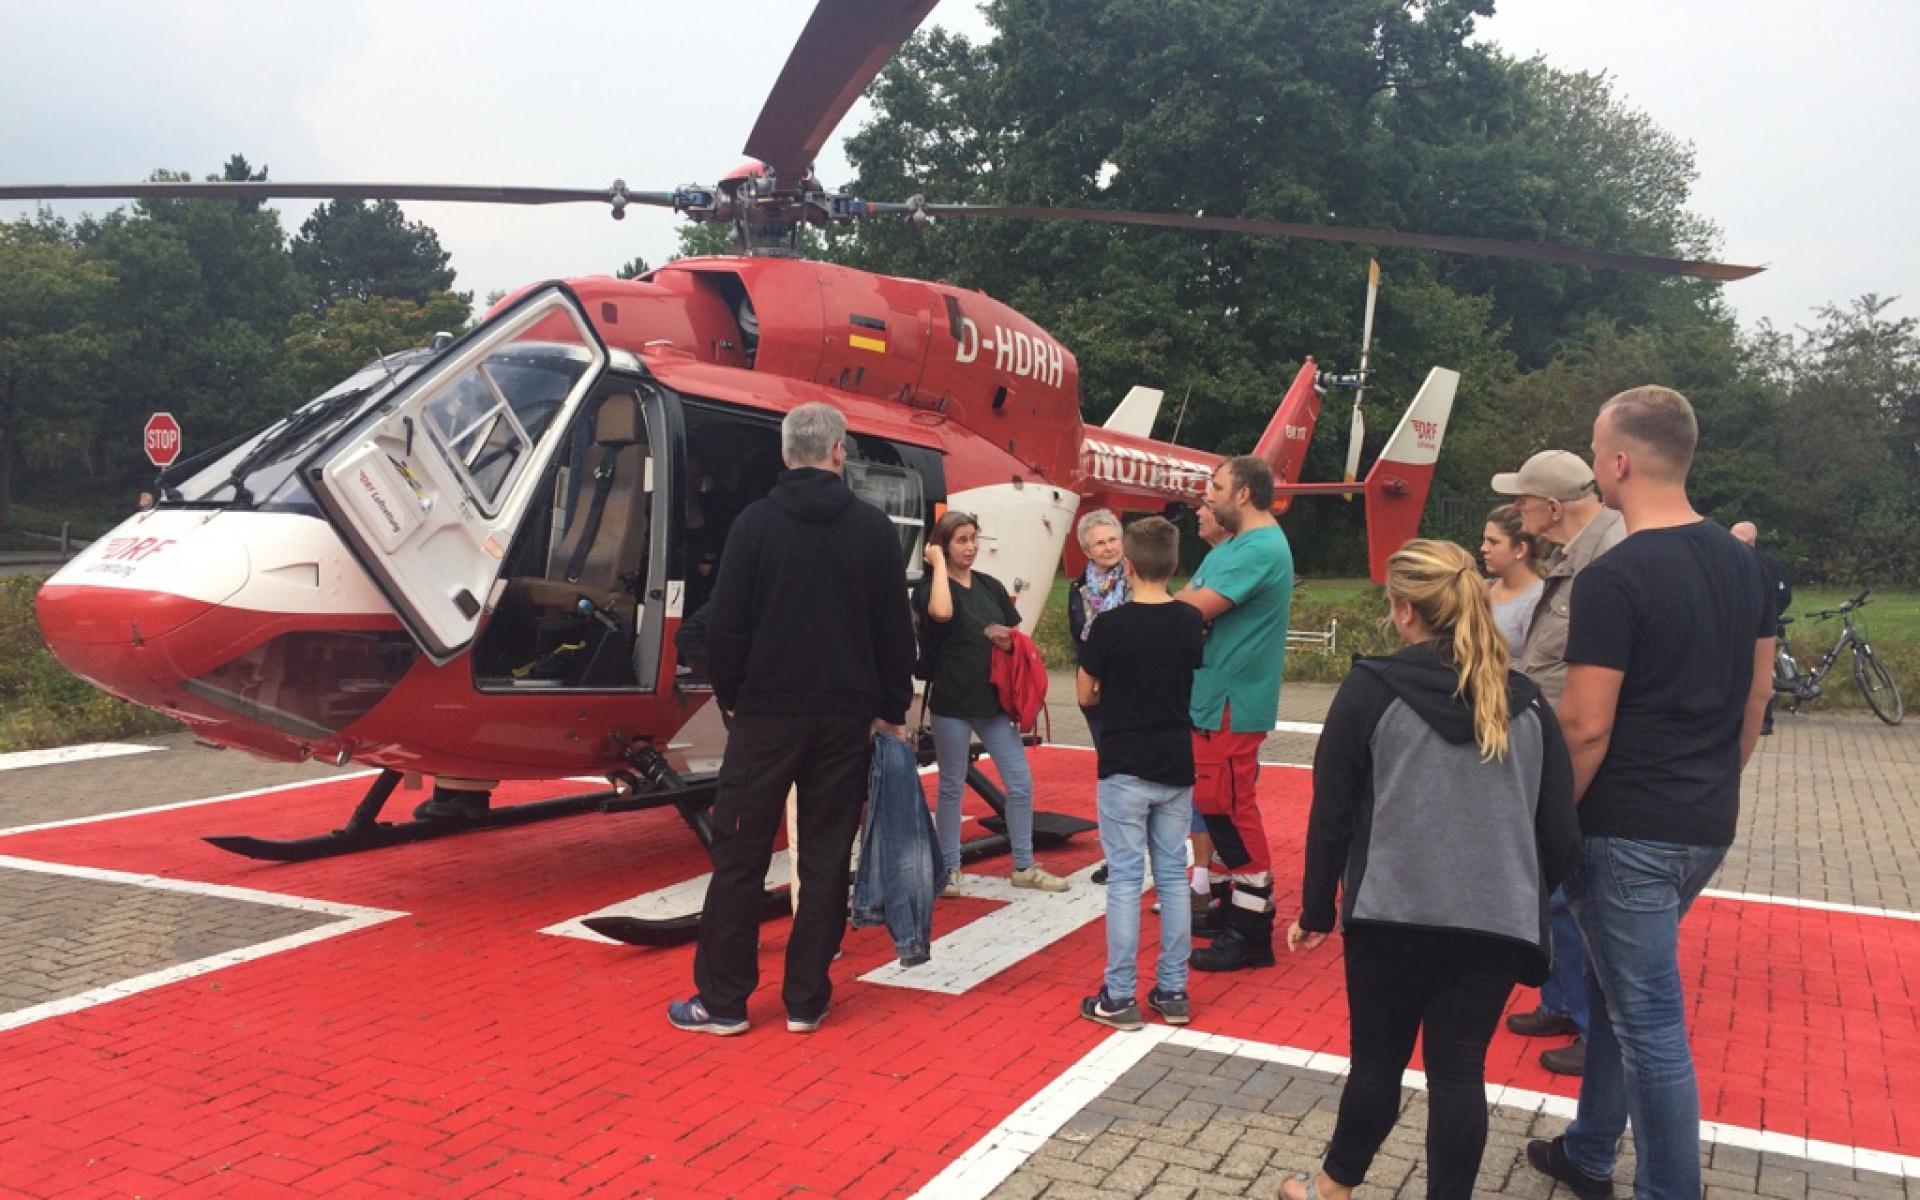 Die Besucher hatten viele Fragen zur Arbeit der gemeinnützig tätigen Luftretter.